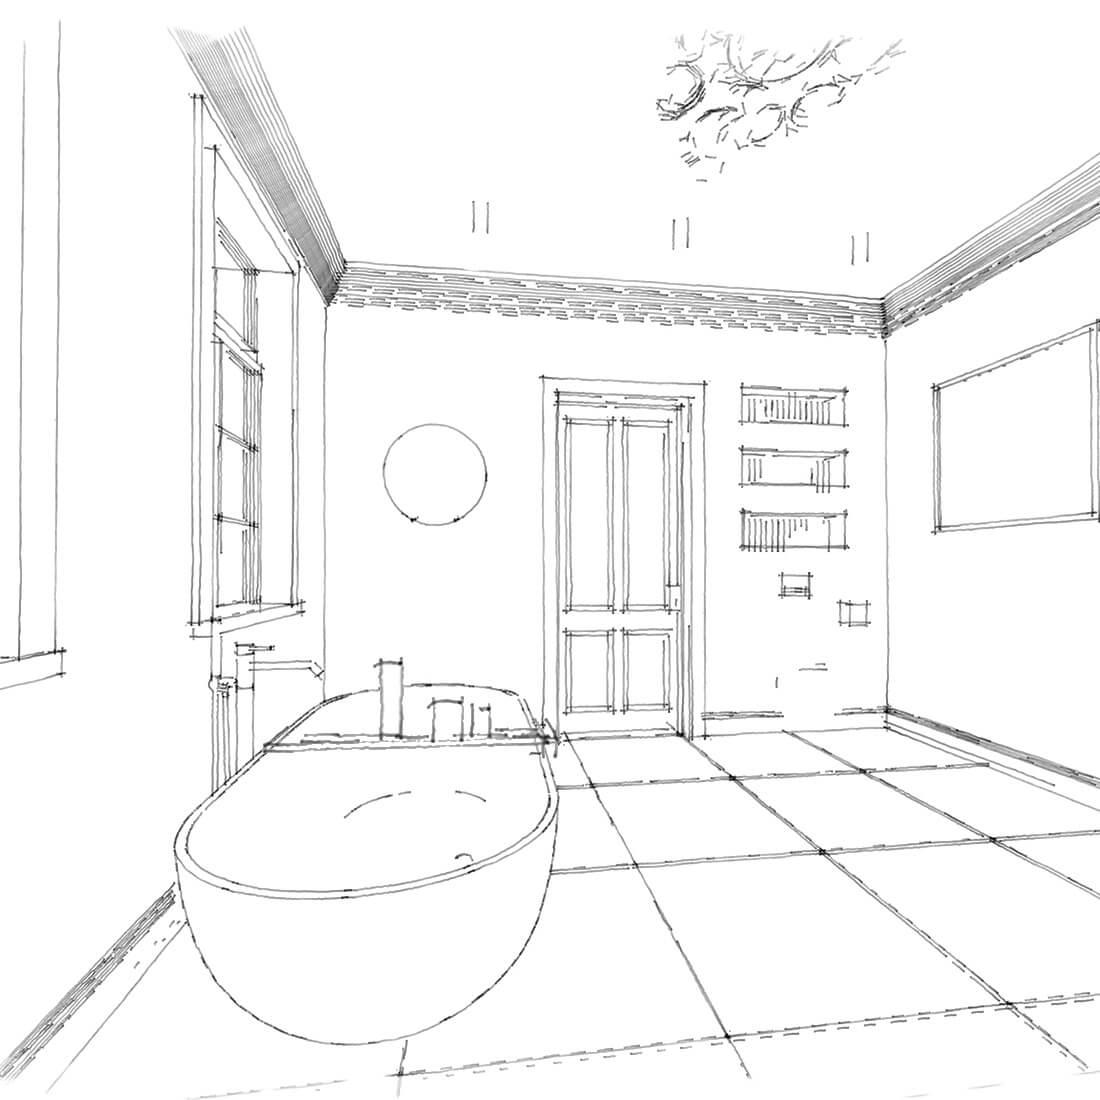 łazienka w kamienicy szkic ołówek 2